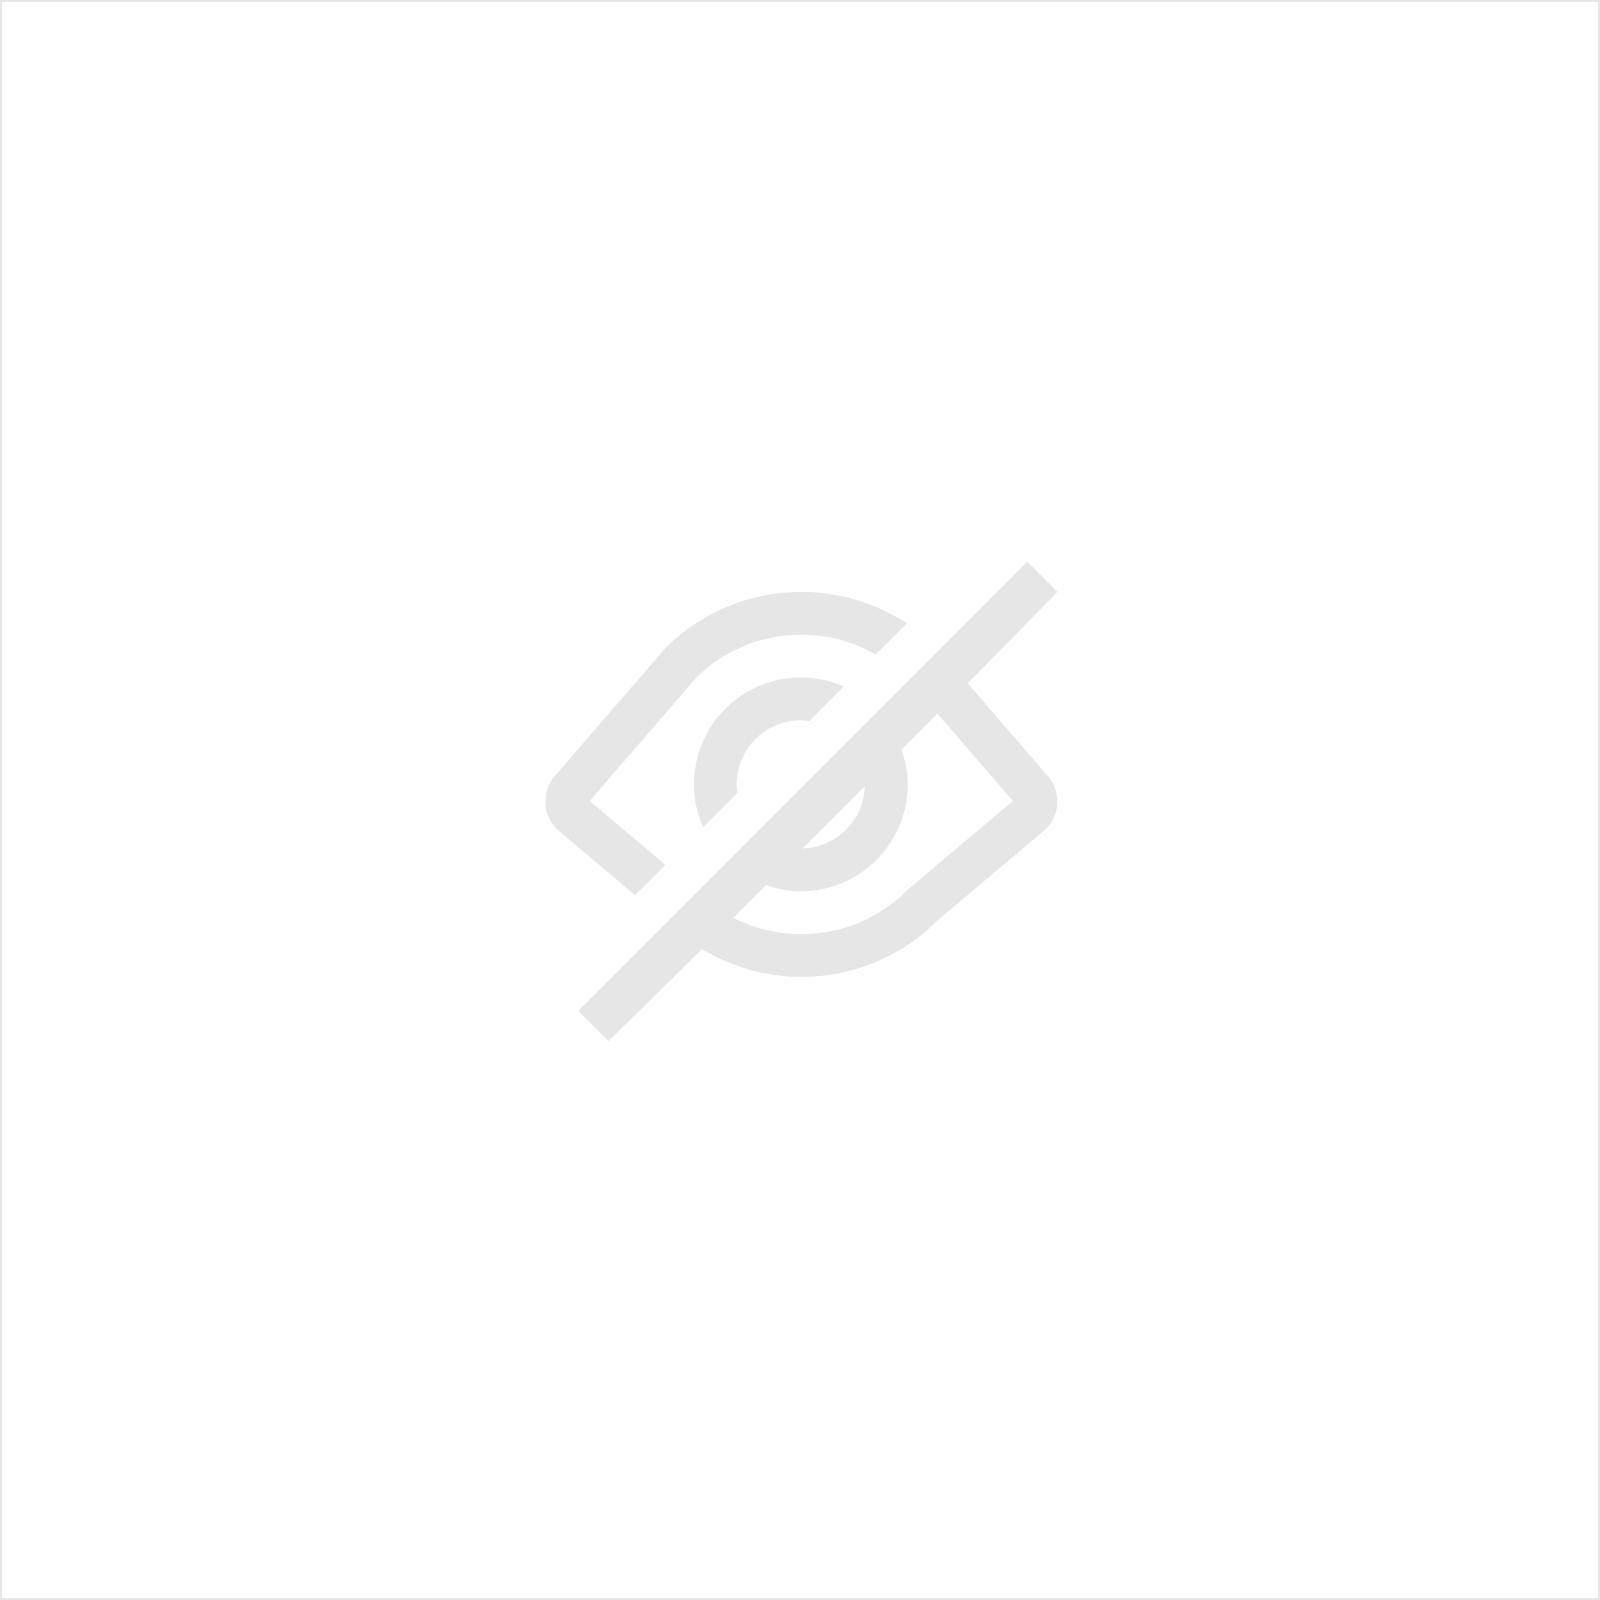 COMPLETE KIT OM TE VERZINKEN met generator (Zinga Kit Complet)